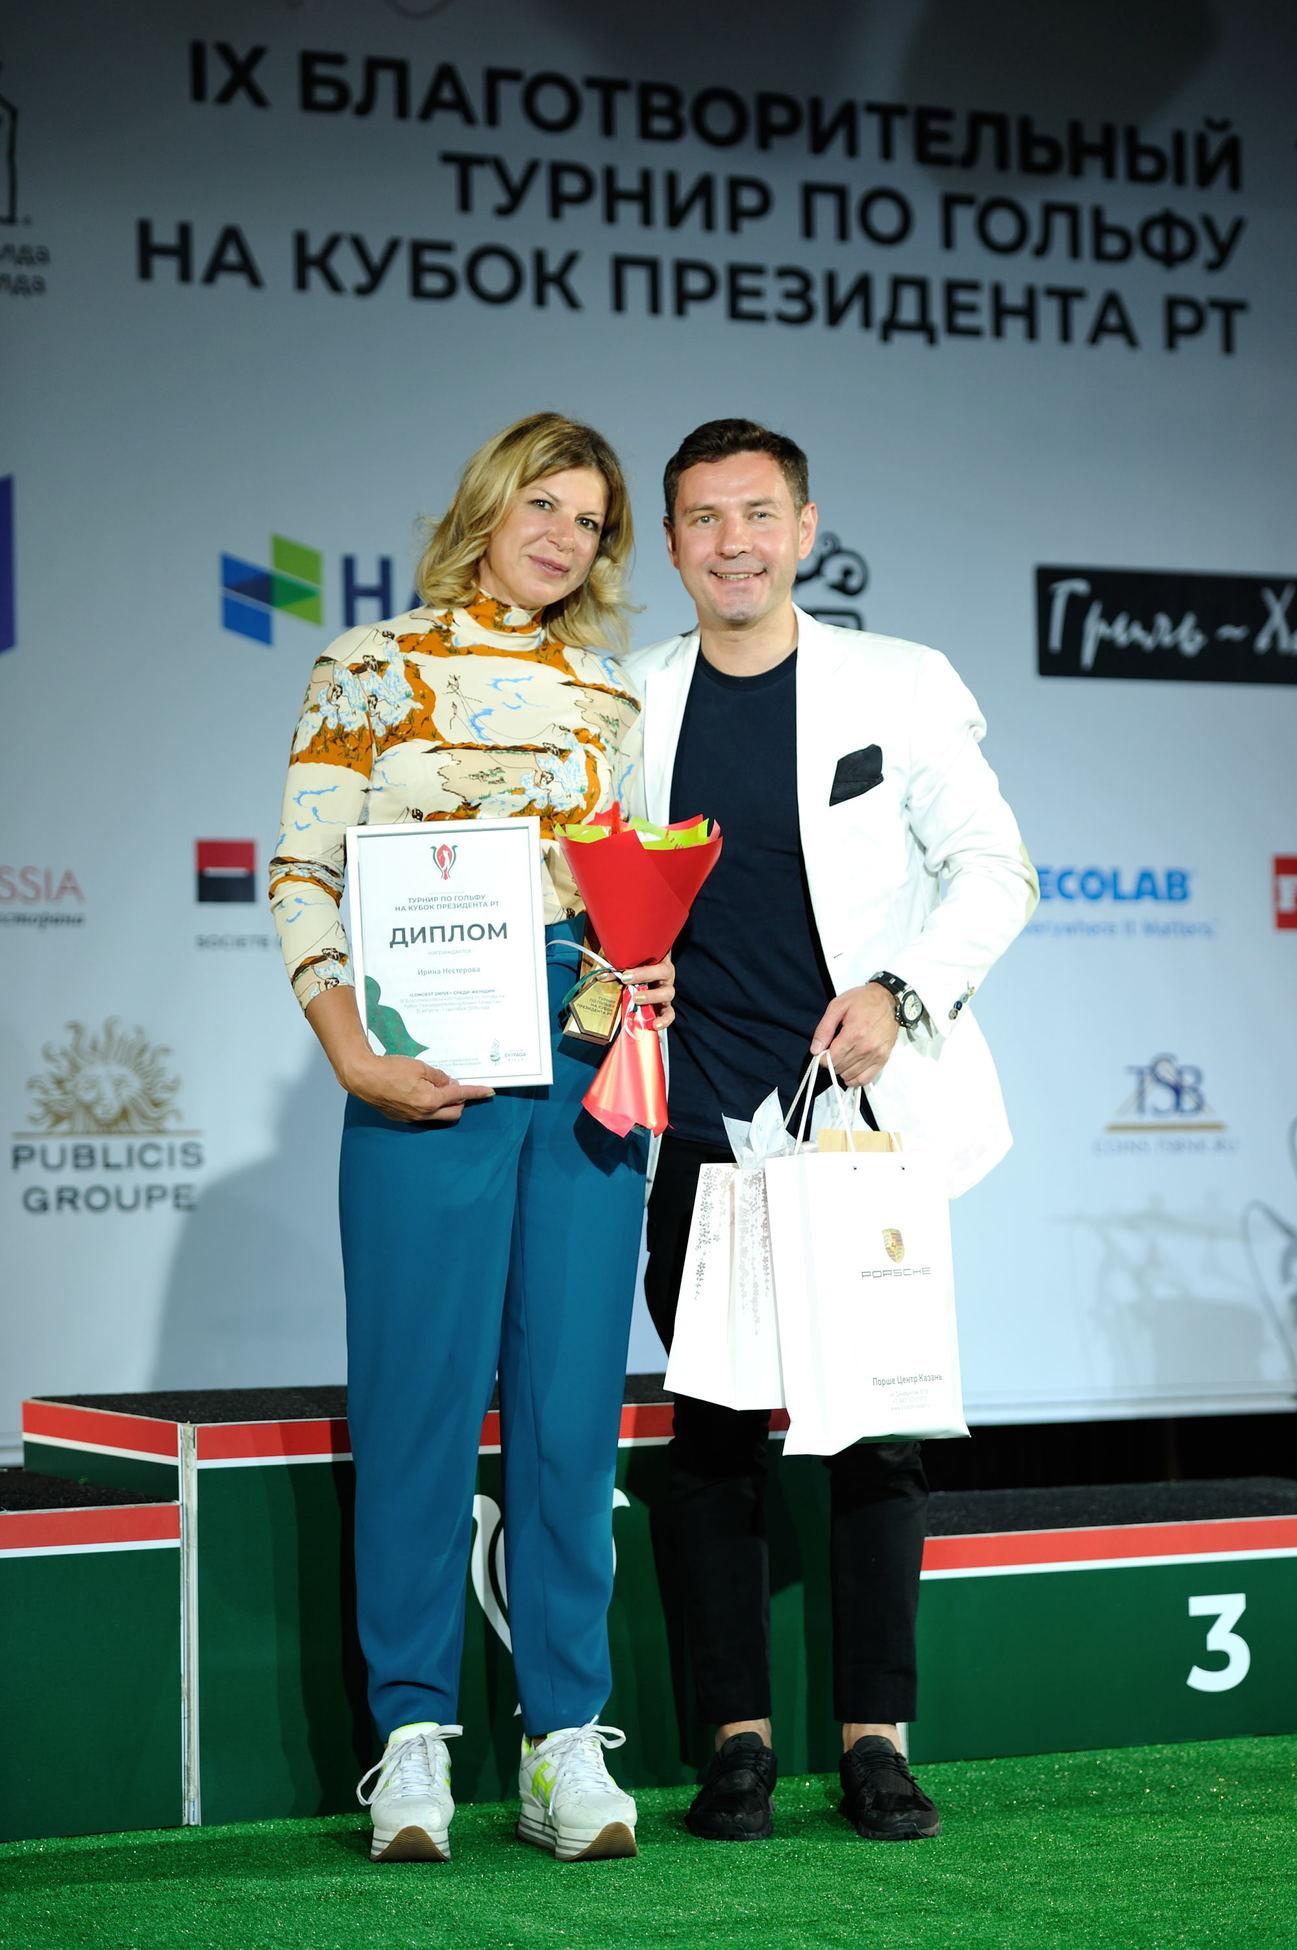 Официальные результаты IX Благотворительного турнира на Кубок Президента РТ